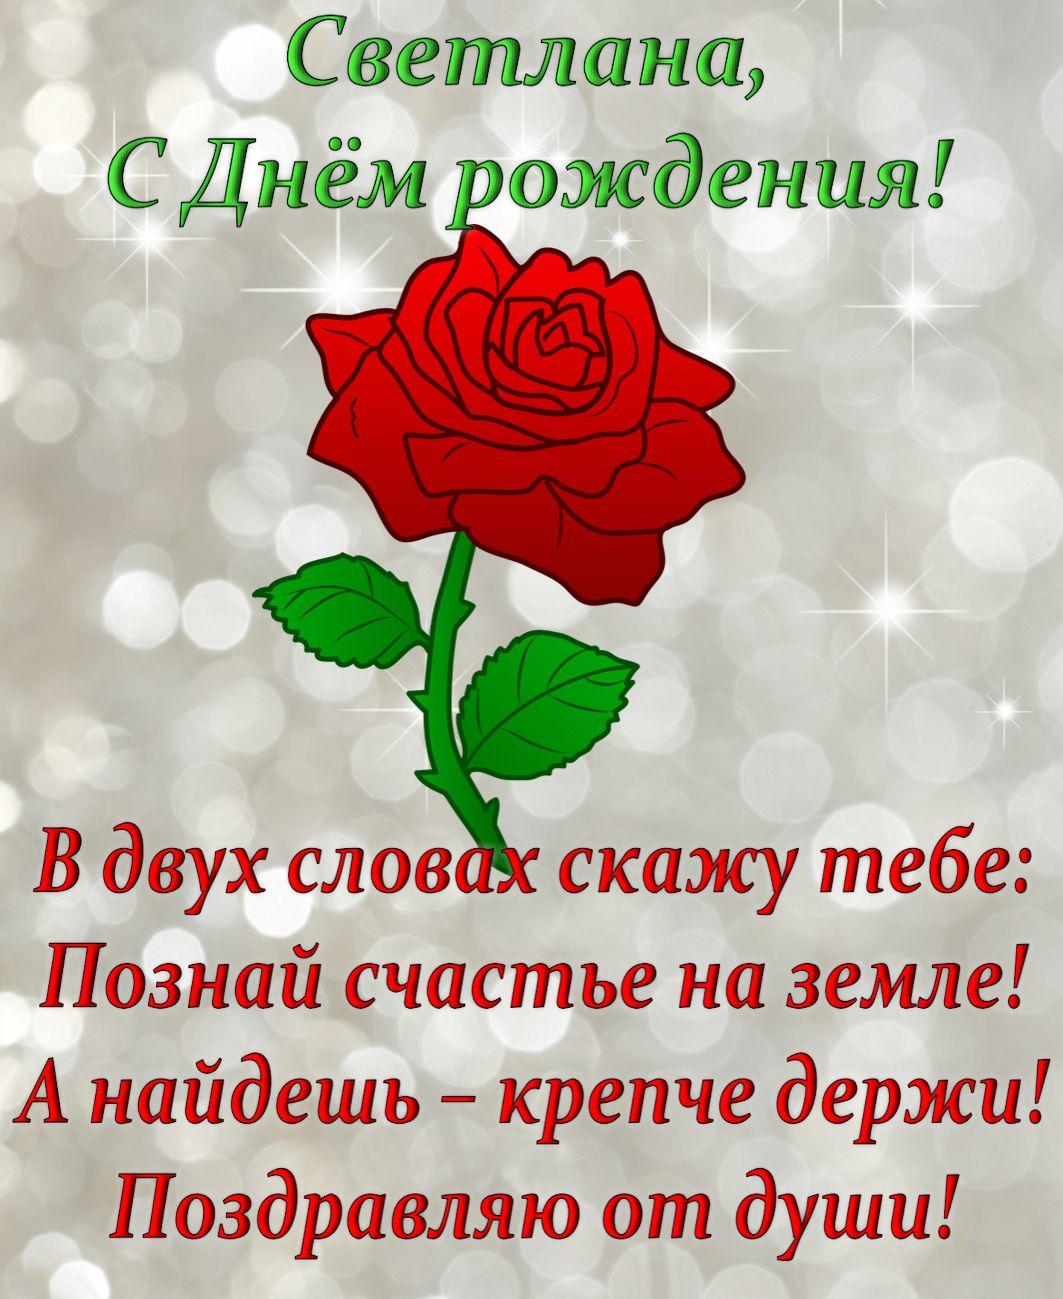 Открытка с пожеланием и розой на блестящем фоне